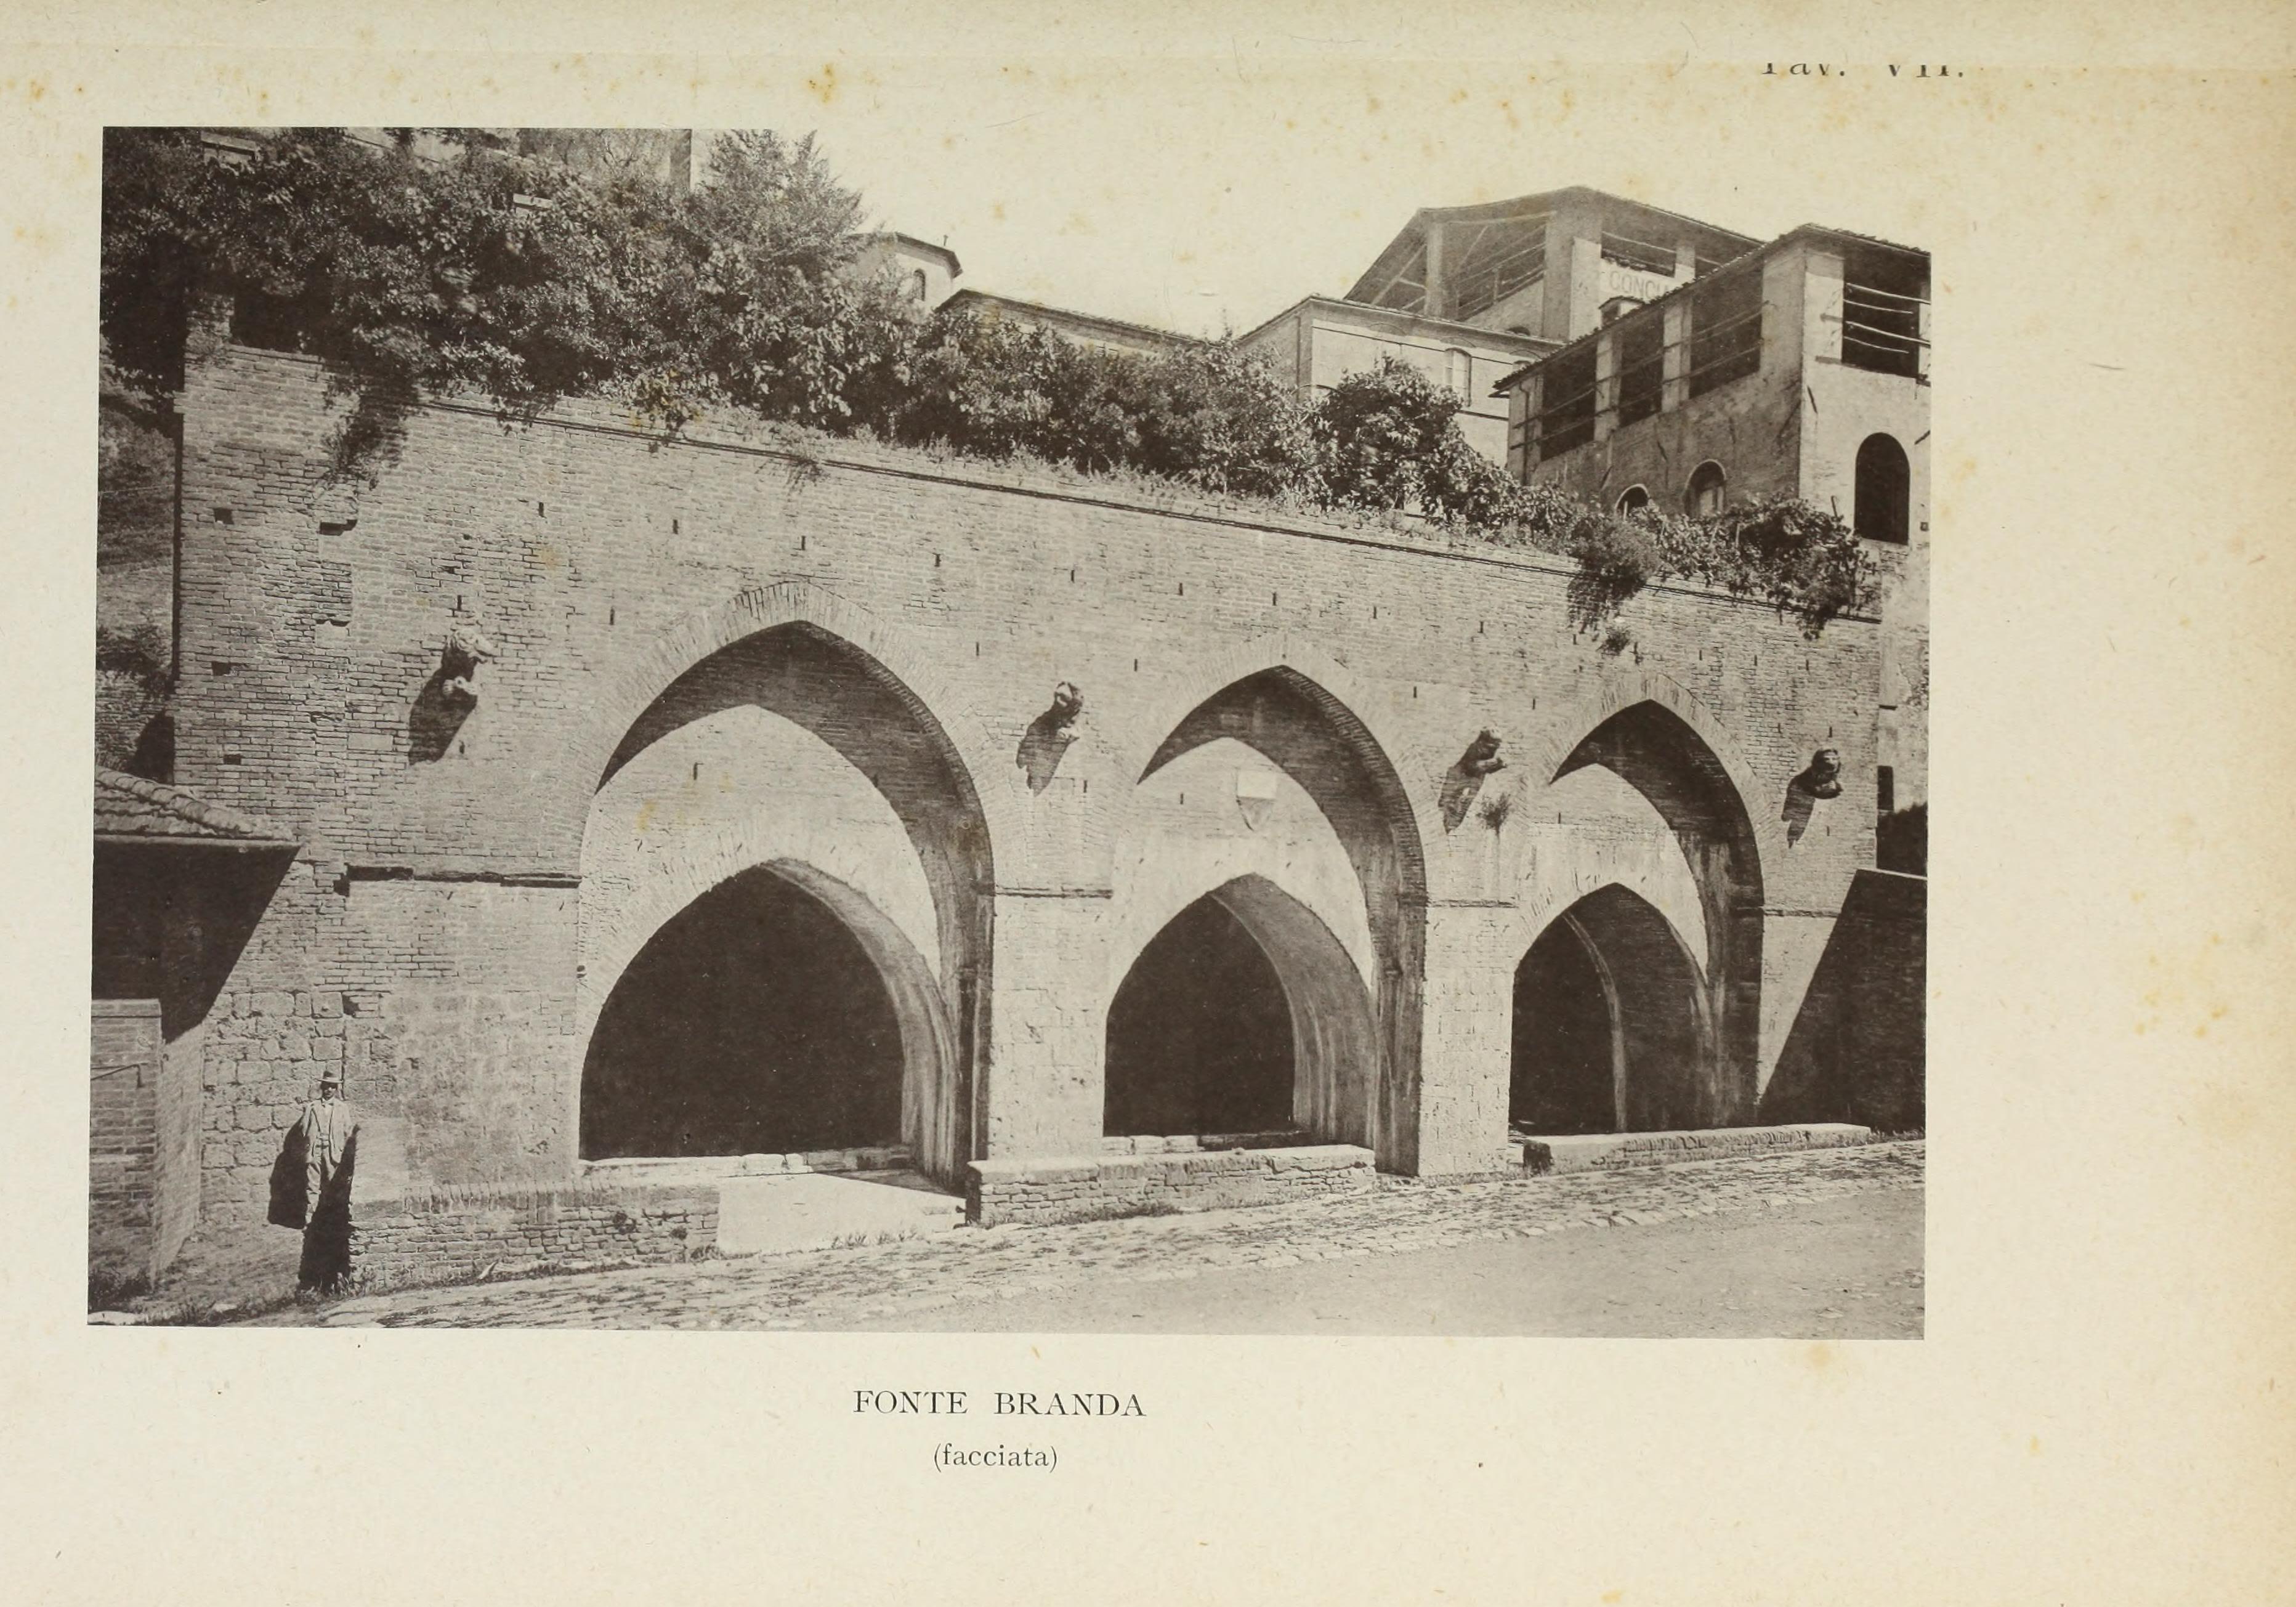 Le fonti di Siena e i loro aquedotti, note storiche dalle origini fino al MDLV (1906) (14590839907).jpg